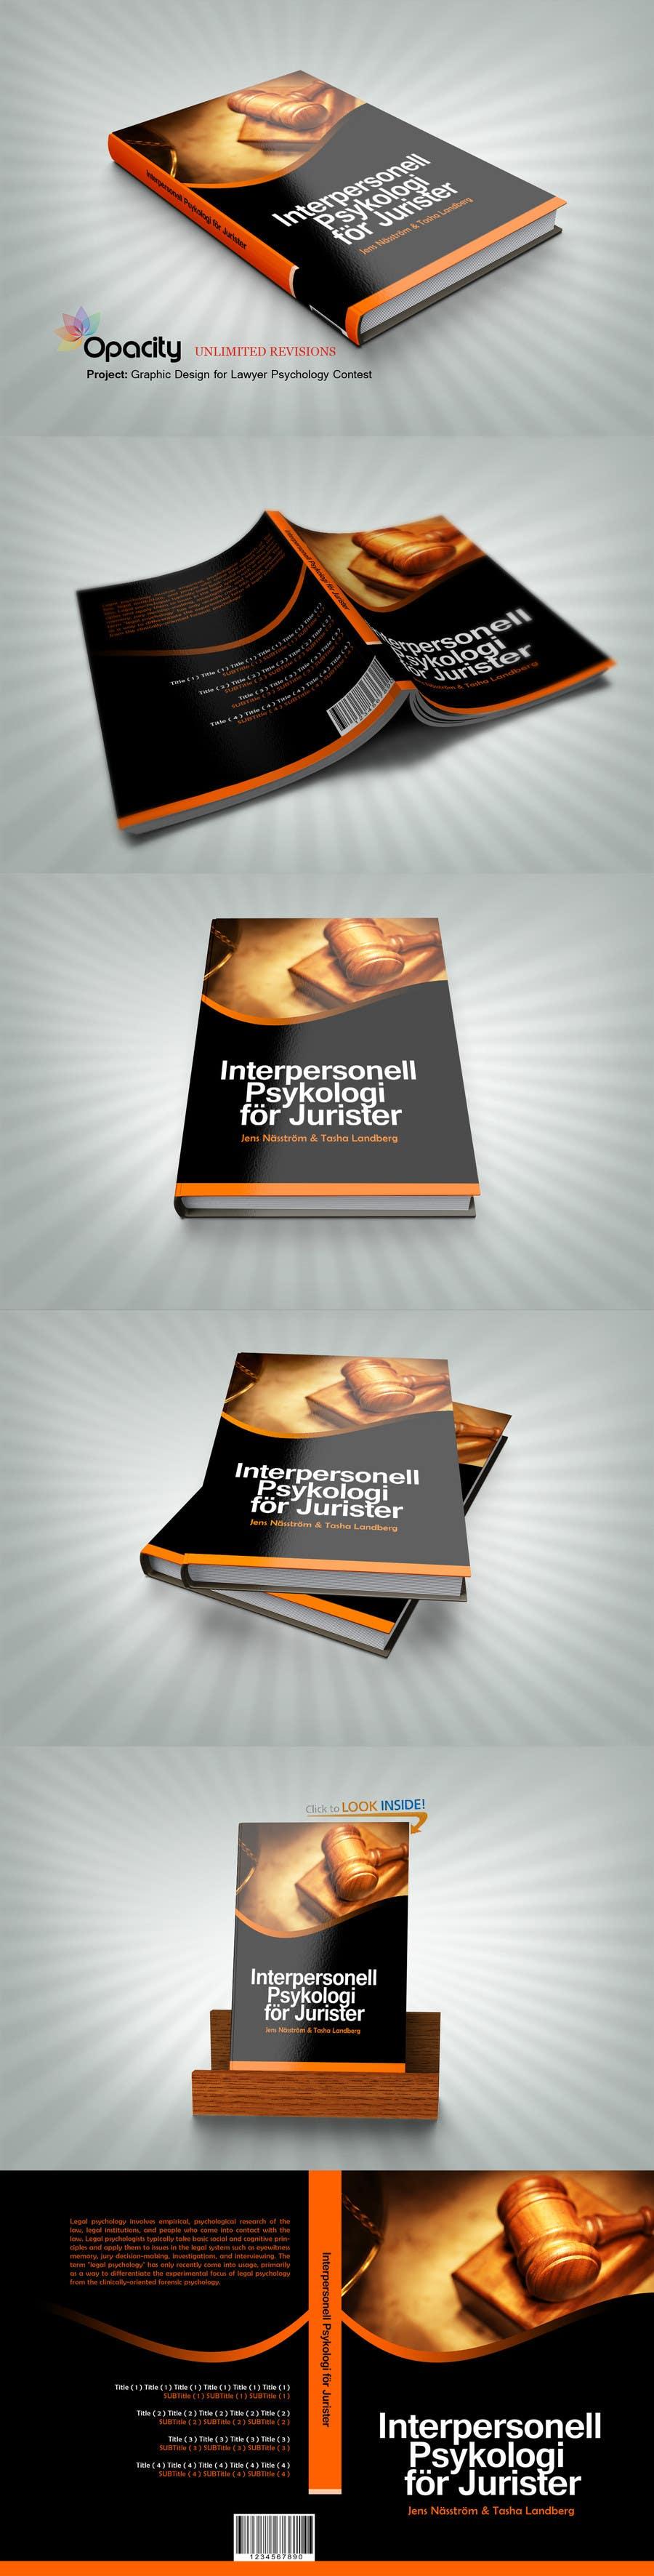 Inscrição nº                                         9                                      do Concurso para                                         Graphic Design for Lawyer Psychology